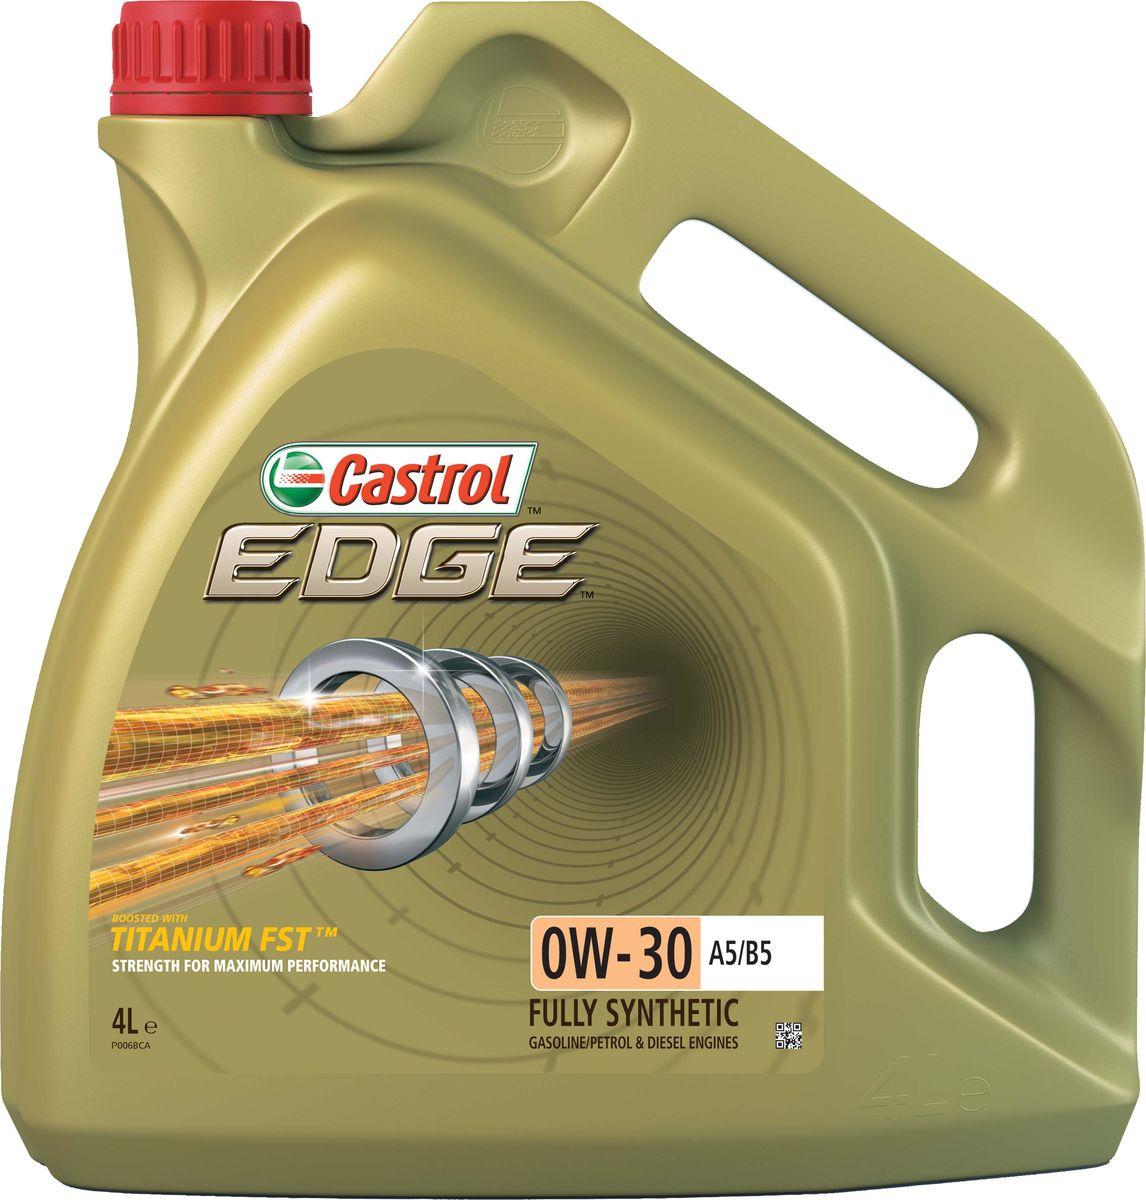 Масло моторное Castrol Edge, синтетическое, класс вязкости 0W-30, А5/В5, 4 л. 156E3F156E3FПолностью синтетическое моторное масло Castrol Edge произведено сиспользованием новейшей технологии TITANIUM FST™, придающей маслянойпленке дополнительную силу и прочность благодаря соединениям титана. TITANIUM FST™ радикально меняет поведение масла в условиях экстремальныхнагрузок, формируя дополнительный ударопоглащающий слой. Испытанияподтвердили, что TITANIUM FST™ в 2 раза увеличивает прочность пленки,предотвращая ее разрыв и снижая трение для максимальнойпроизводительности двигателя.С Castrol Edge ваш автомобиль готов клюбым испытаниям независимо от дорожных условий. Castrol Edge предназначено для бензиновых и дизельных двигателейавтомобилей, где производитель рекомендует моторные масла спецификацийACEA A1/B1, A5/B5, ILSAC GF-2 класса вязкости SAE 0W-30.Castrol Edgeобеспечивает надежную и максимально эффективную работу высокотехнологичных двигателей, созданных по новейшим инженернымразработкам, требующих использования маловязких моторных масел иувеличенных интервалов замены. Castrol Edge: - поддерживает максимальную эффективность работы двигателя, как вкраткосрочном периоде времени, так и на длительный срок службы; - подавляет образование отложений, способствуя повышению скорости реакциидвигателя на нажатие педали акселератора; - обеспечивает надежную защиту всех деталей мотора в разных условияхдвижения, в широких диапазонах температур и скоростей; - обеспечивает и поддерживает максимальную мощность двигателя в течениидлительного времени, даже в условиях интенсивной эксплуатации; - повышает КПД двигателя (независимо подтверждено); - отличные низкотемпературные свойства. Спецификации: ACEA A1/B1, A5/B5, API SL.Товар сертифицирован.